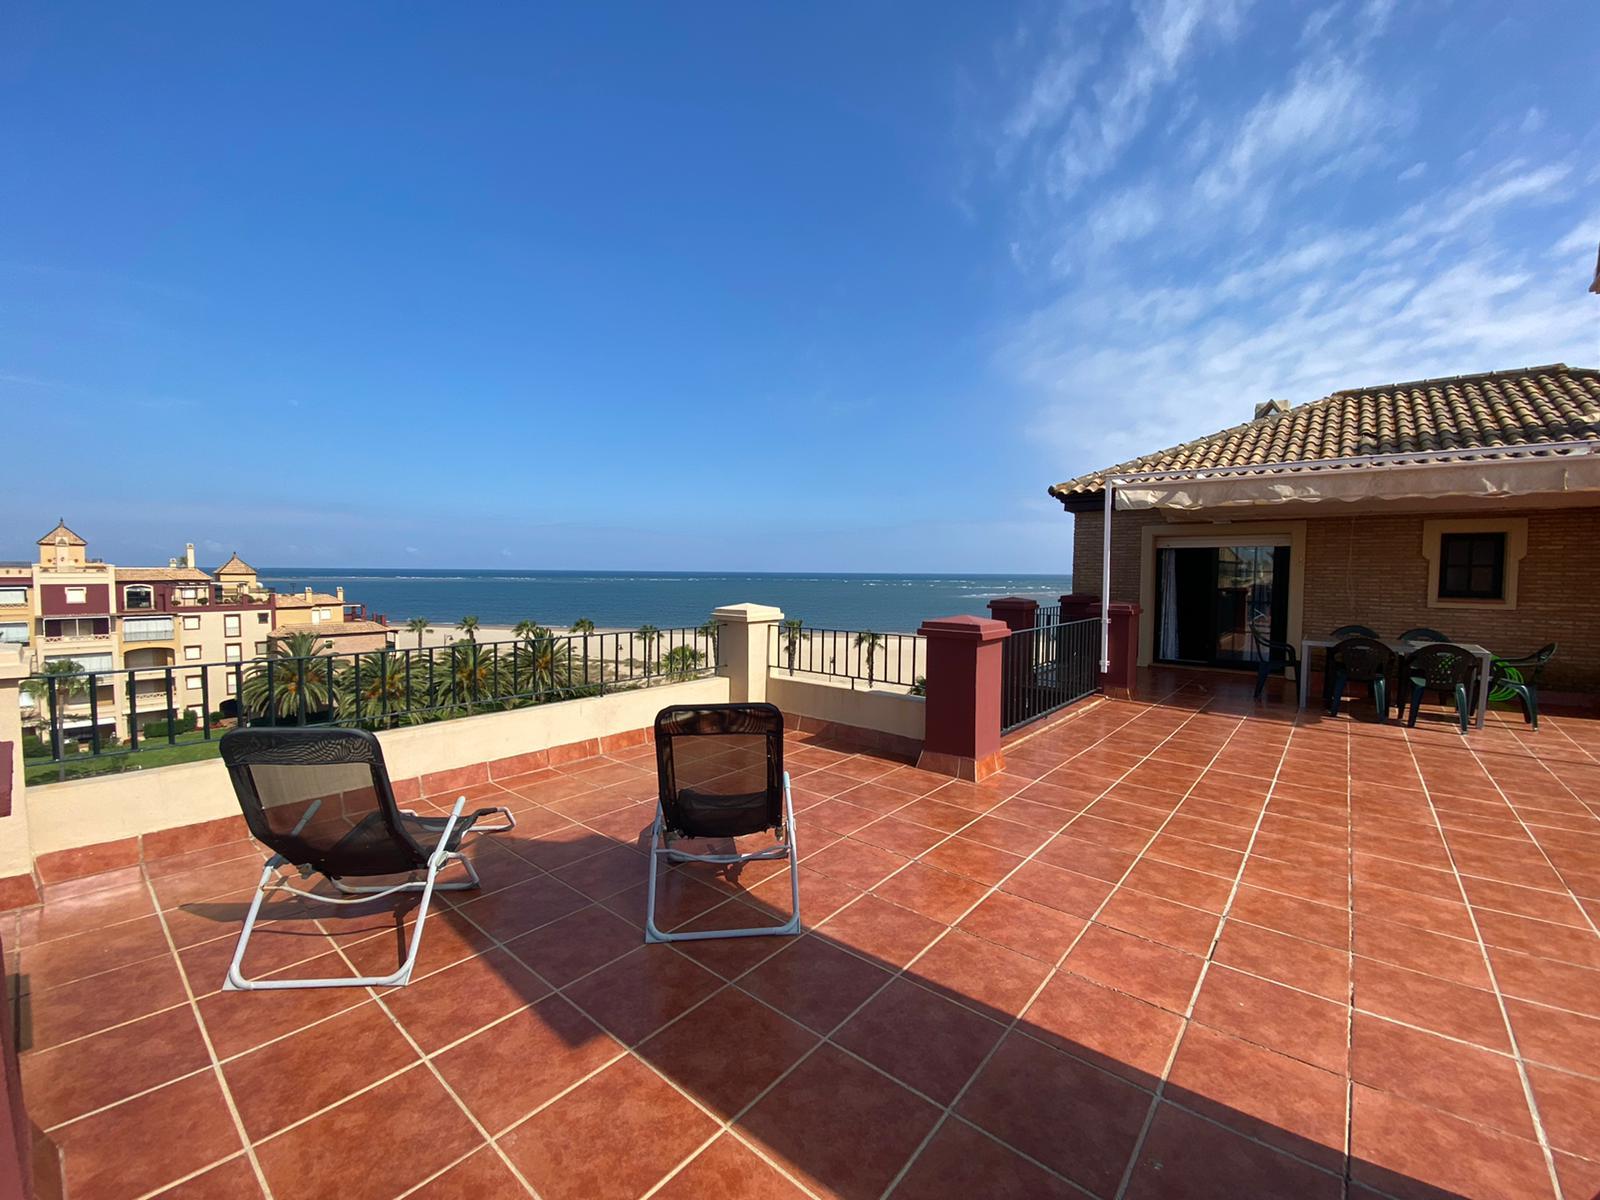 Imagen 1 del Vivienda Turística, Ático 93 (3d+2b), Isla Canela (HUELVA), Avda. de las Codornices nº 24 bloque 1-3